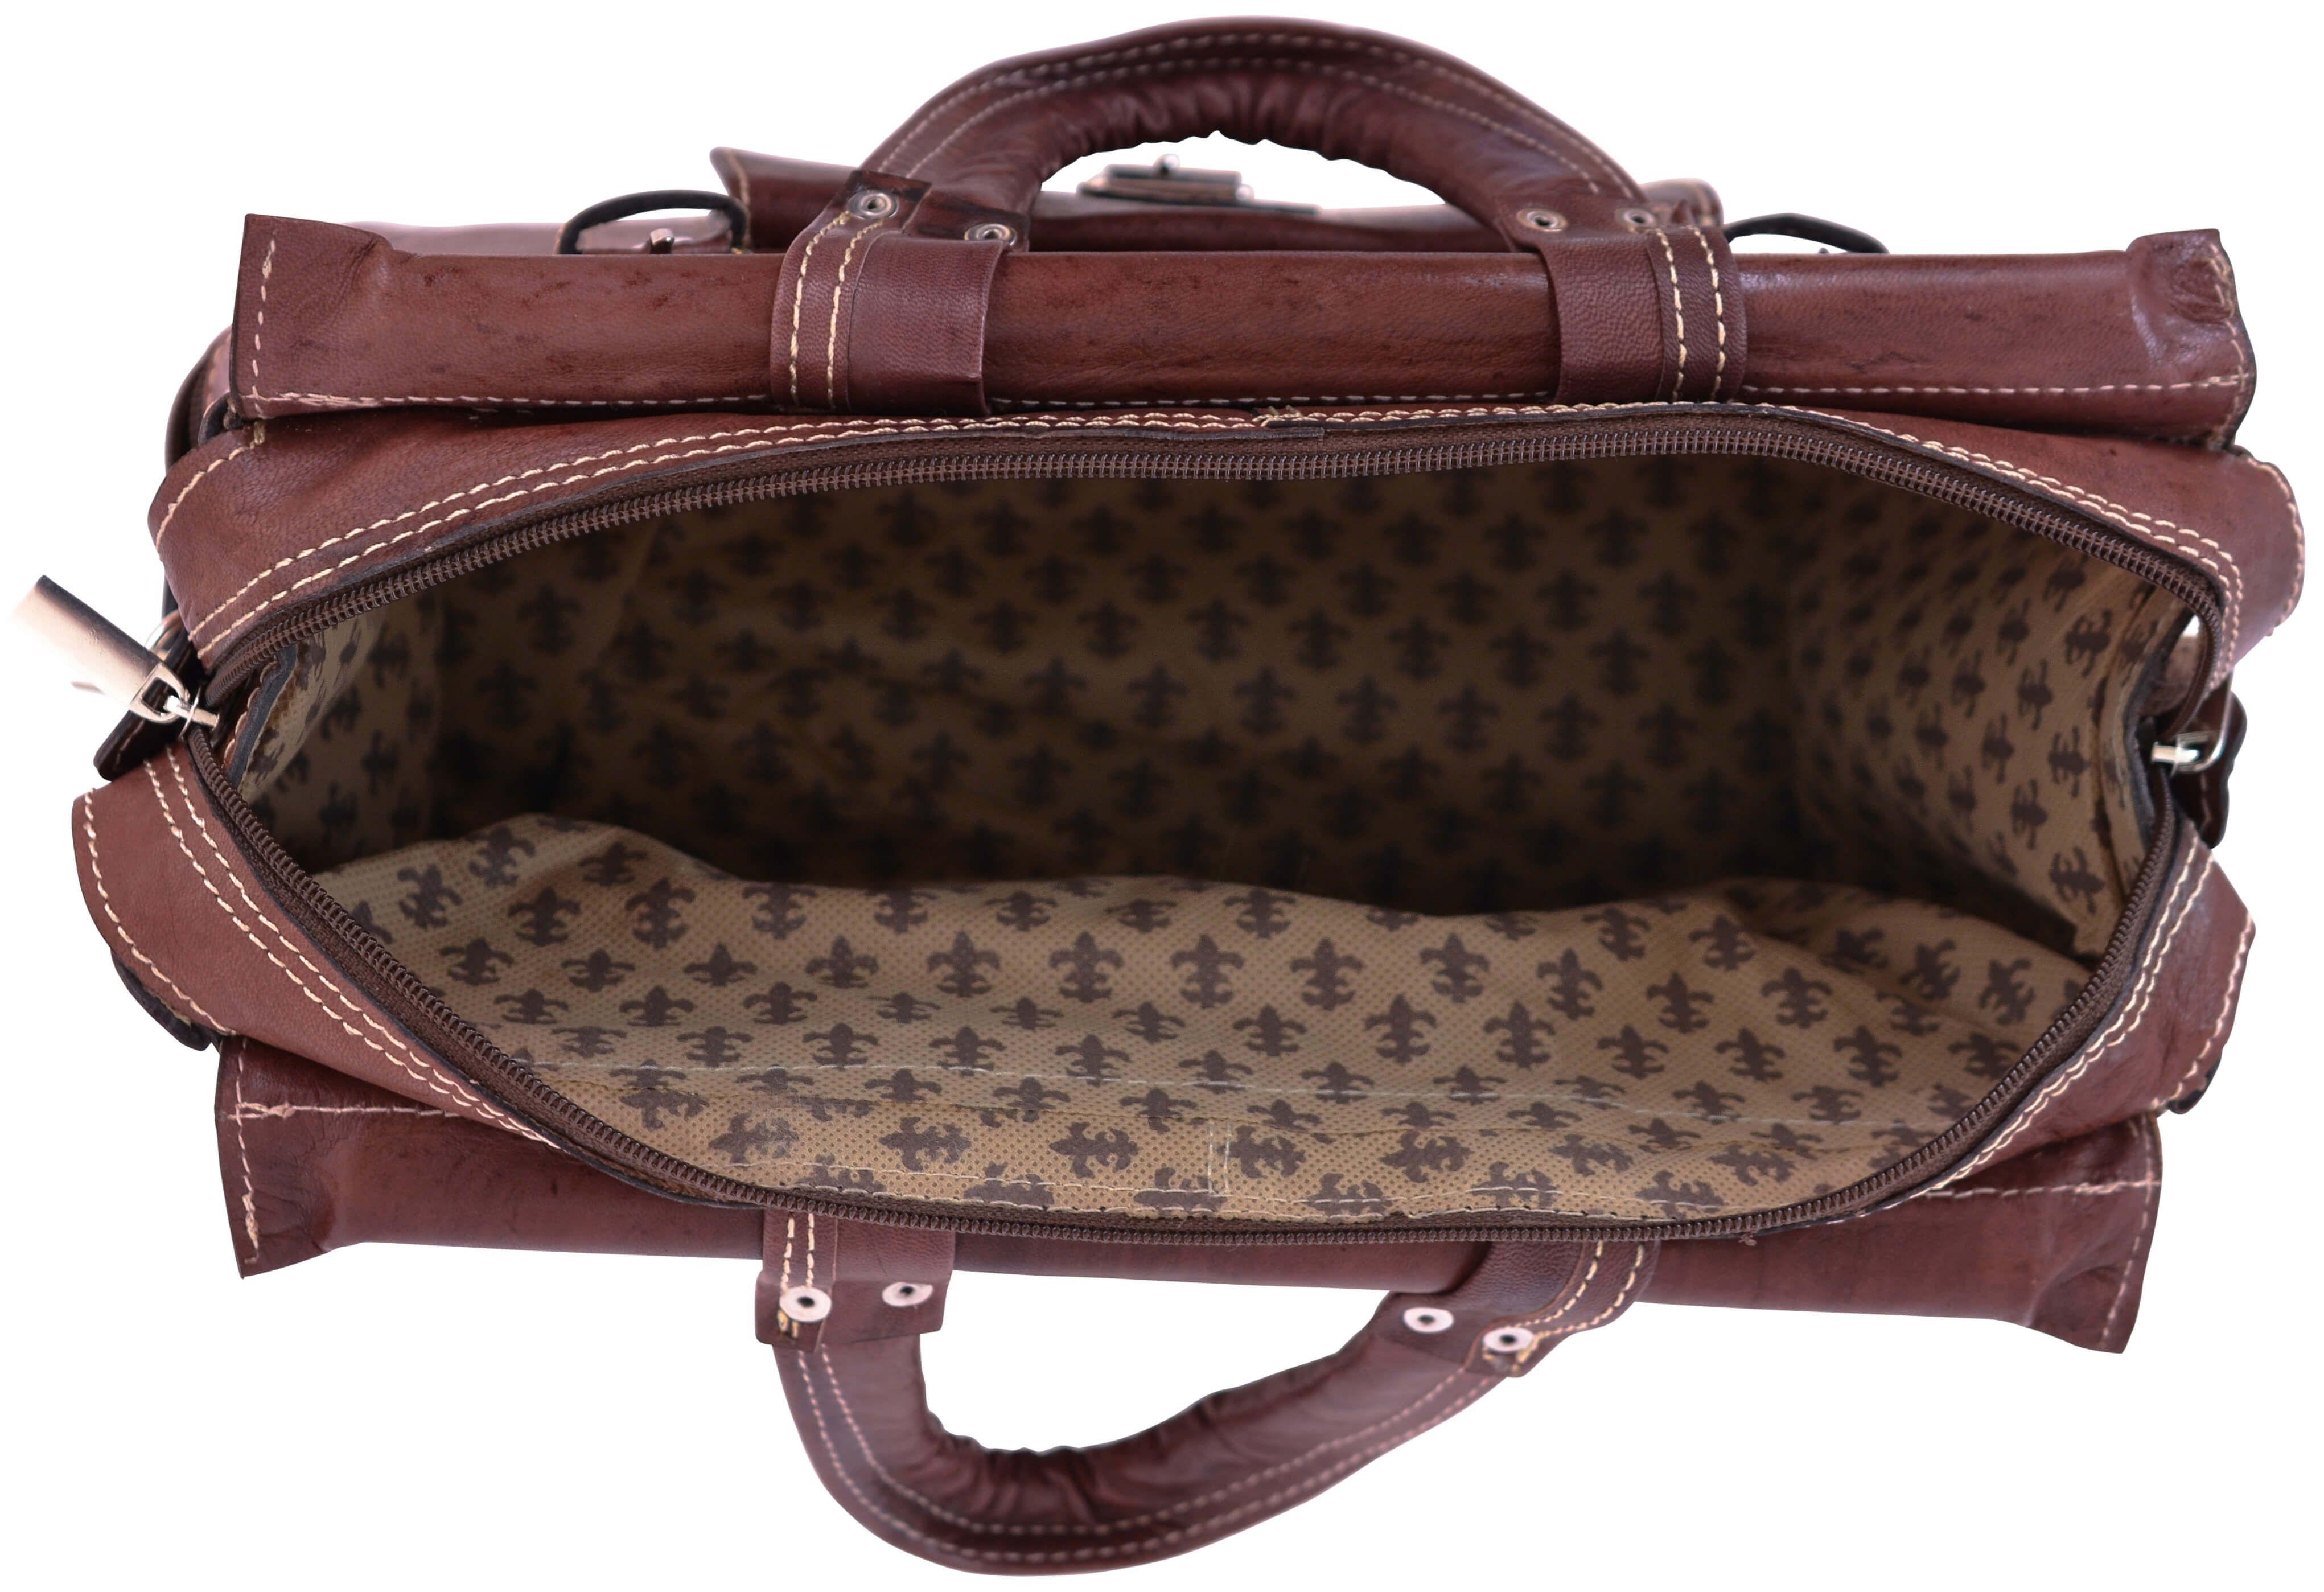 798d8c472a39f Die elegante und äußerst anschauliche Lederhandtasche